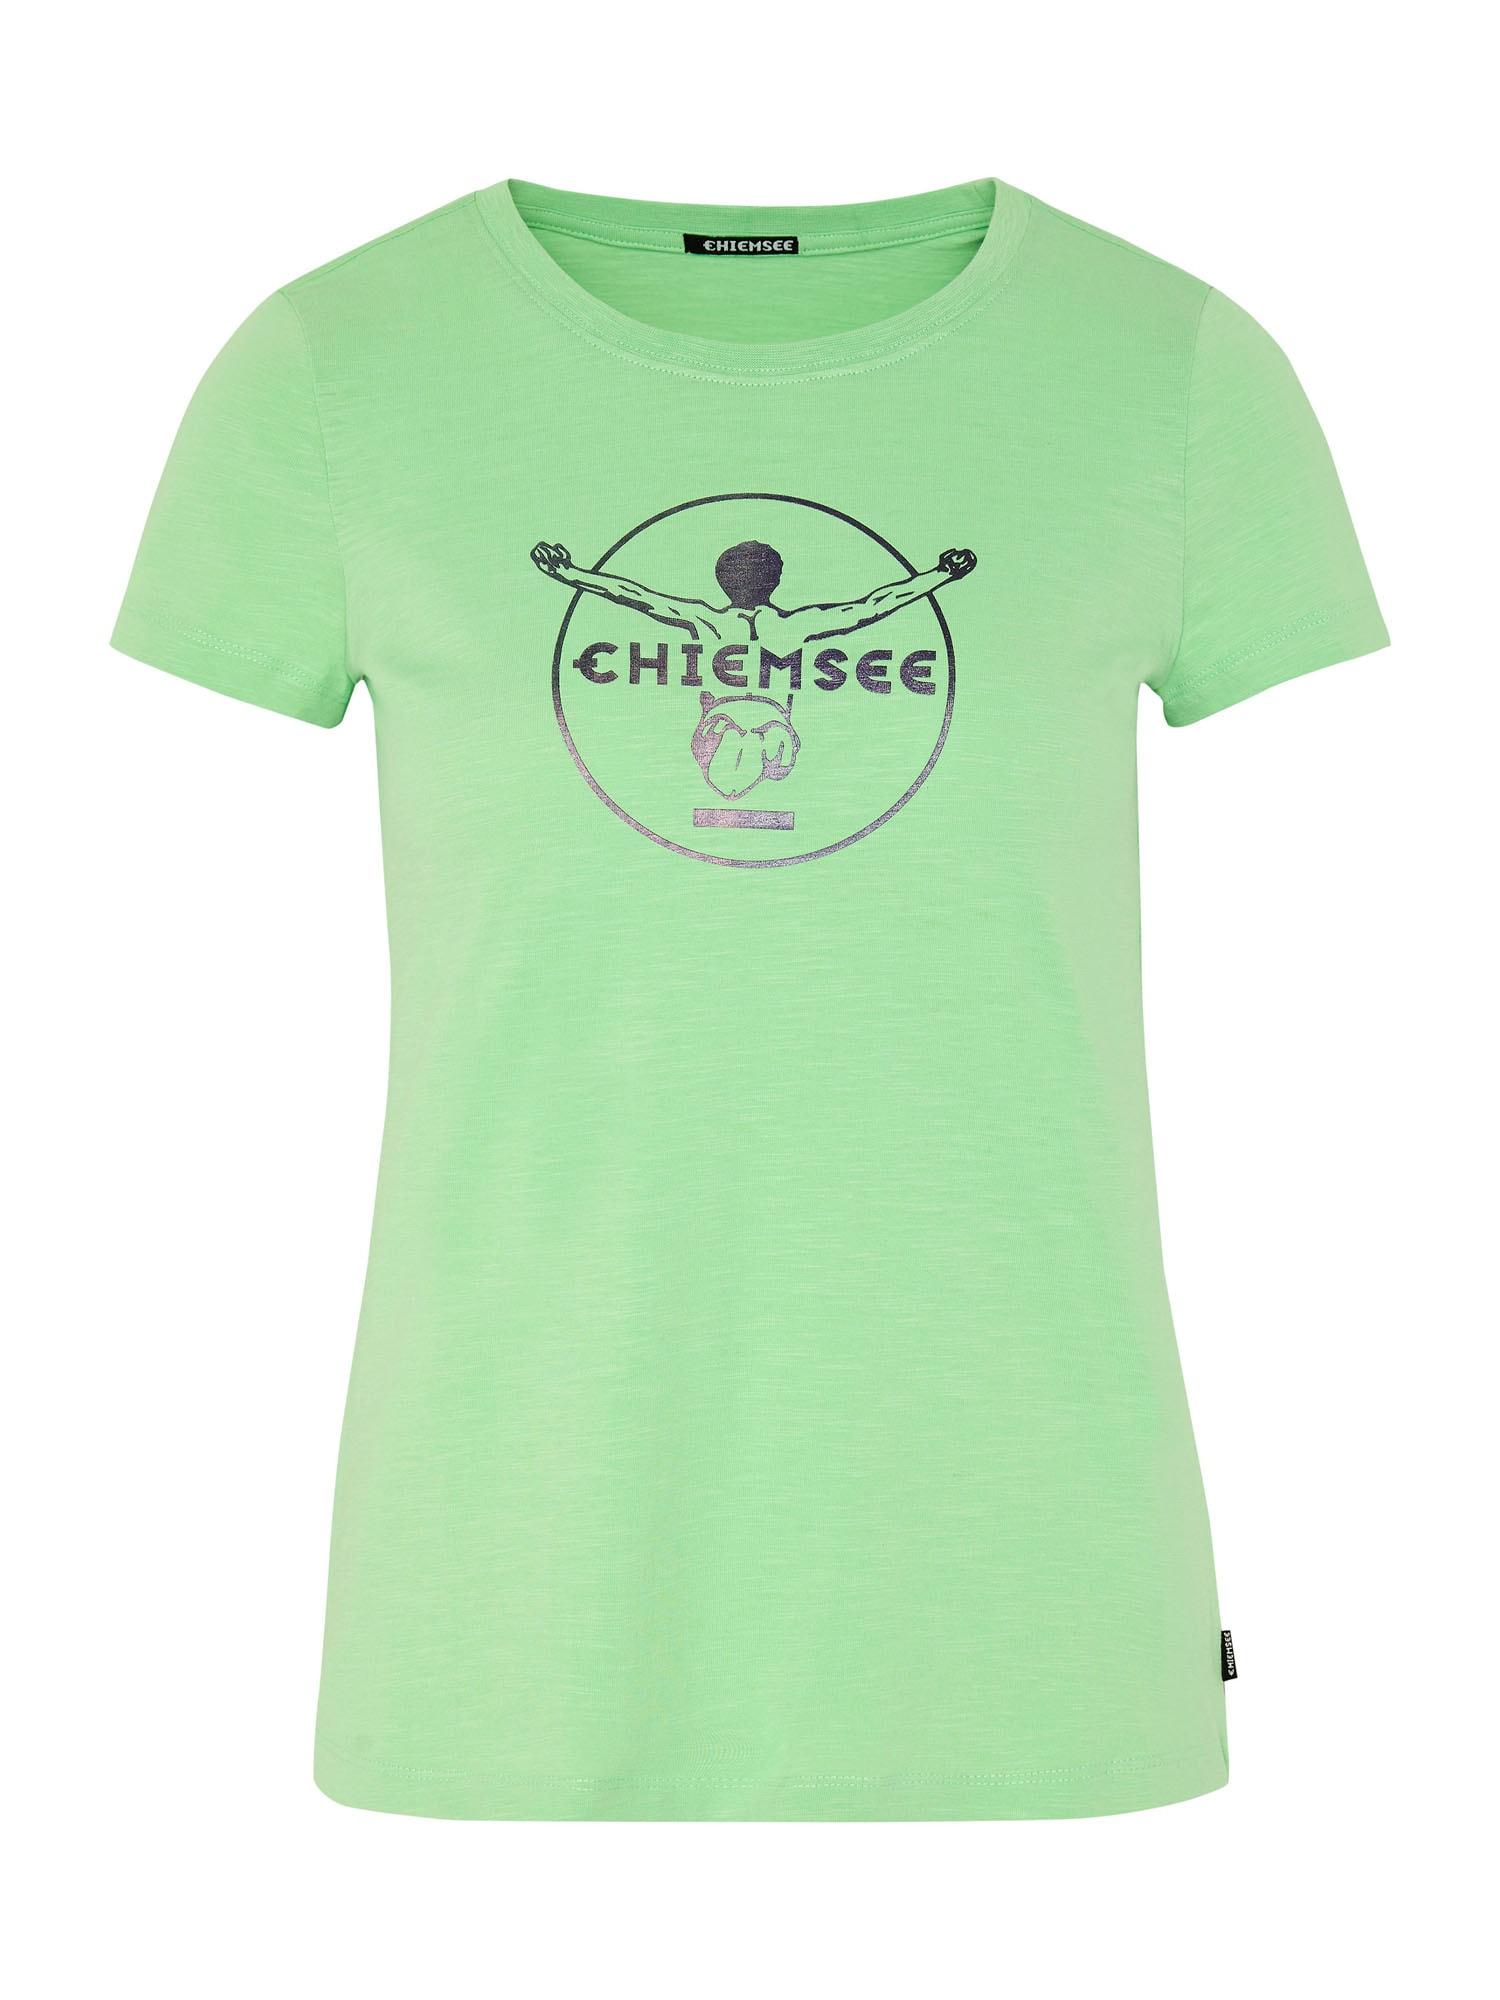 CHIEMSEE Marškinėliai žalia